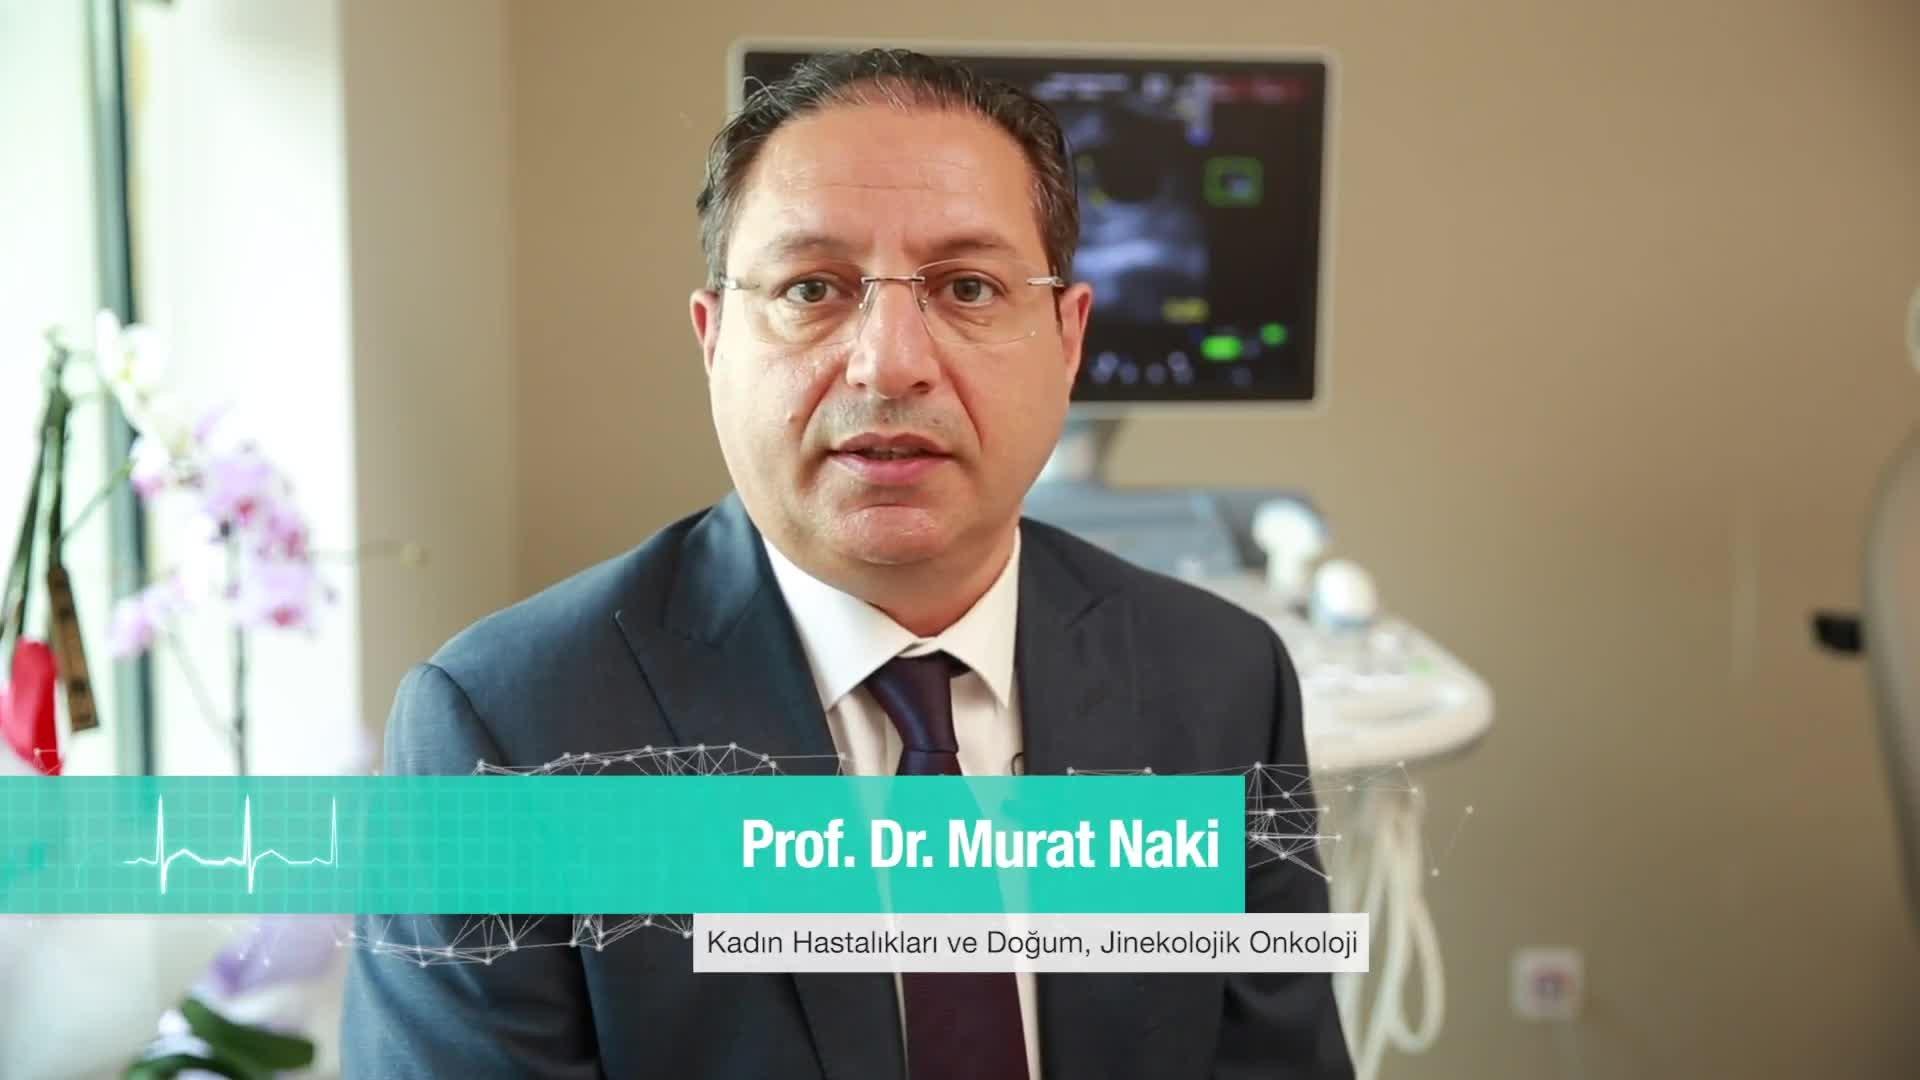 """Youtube – Rahim kanseri bu belirtilerle kendisini gösteriyor """"Prof. Dr. M. Murat  NAKI"""""""